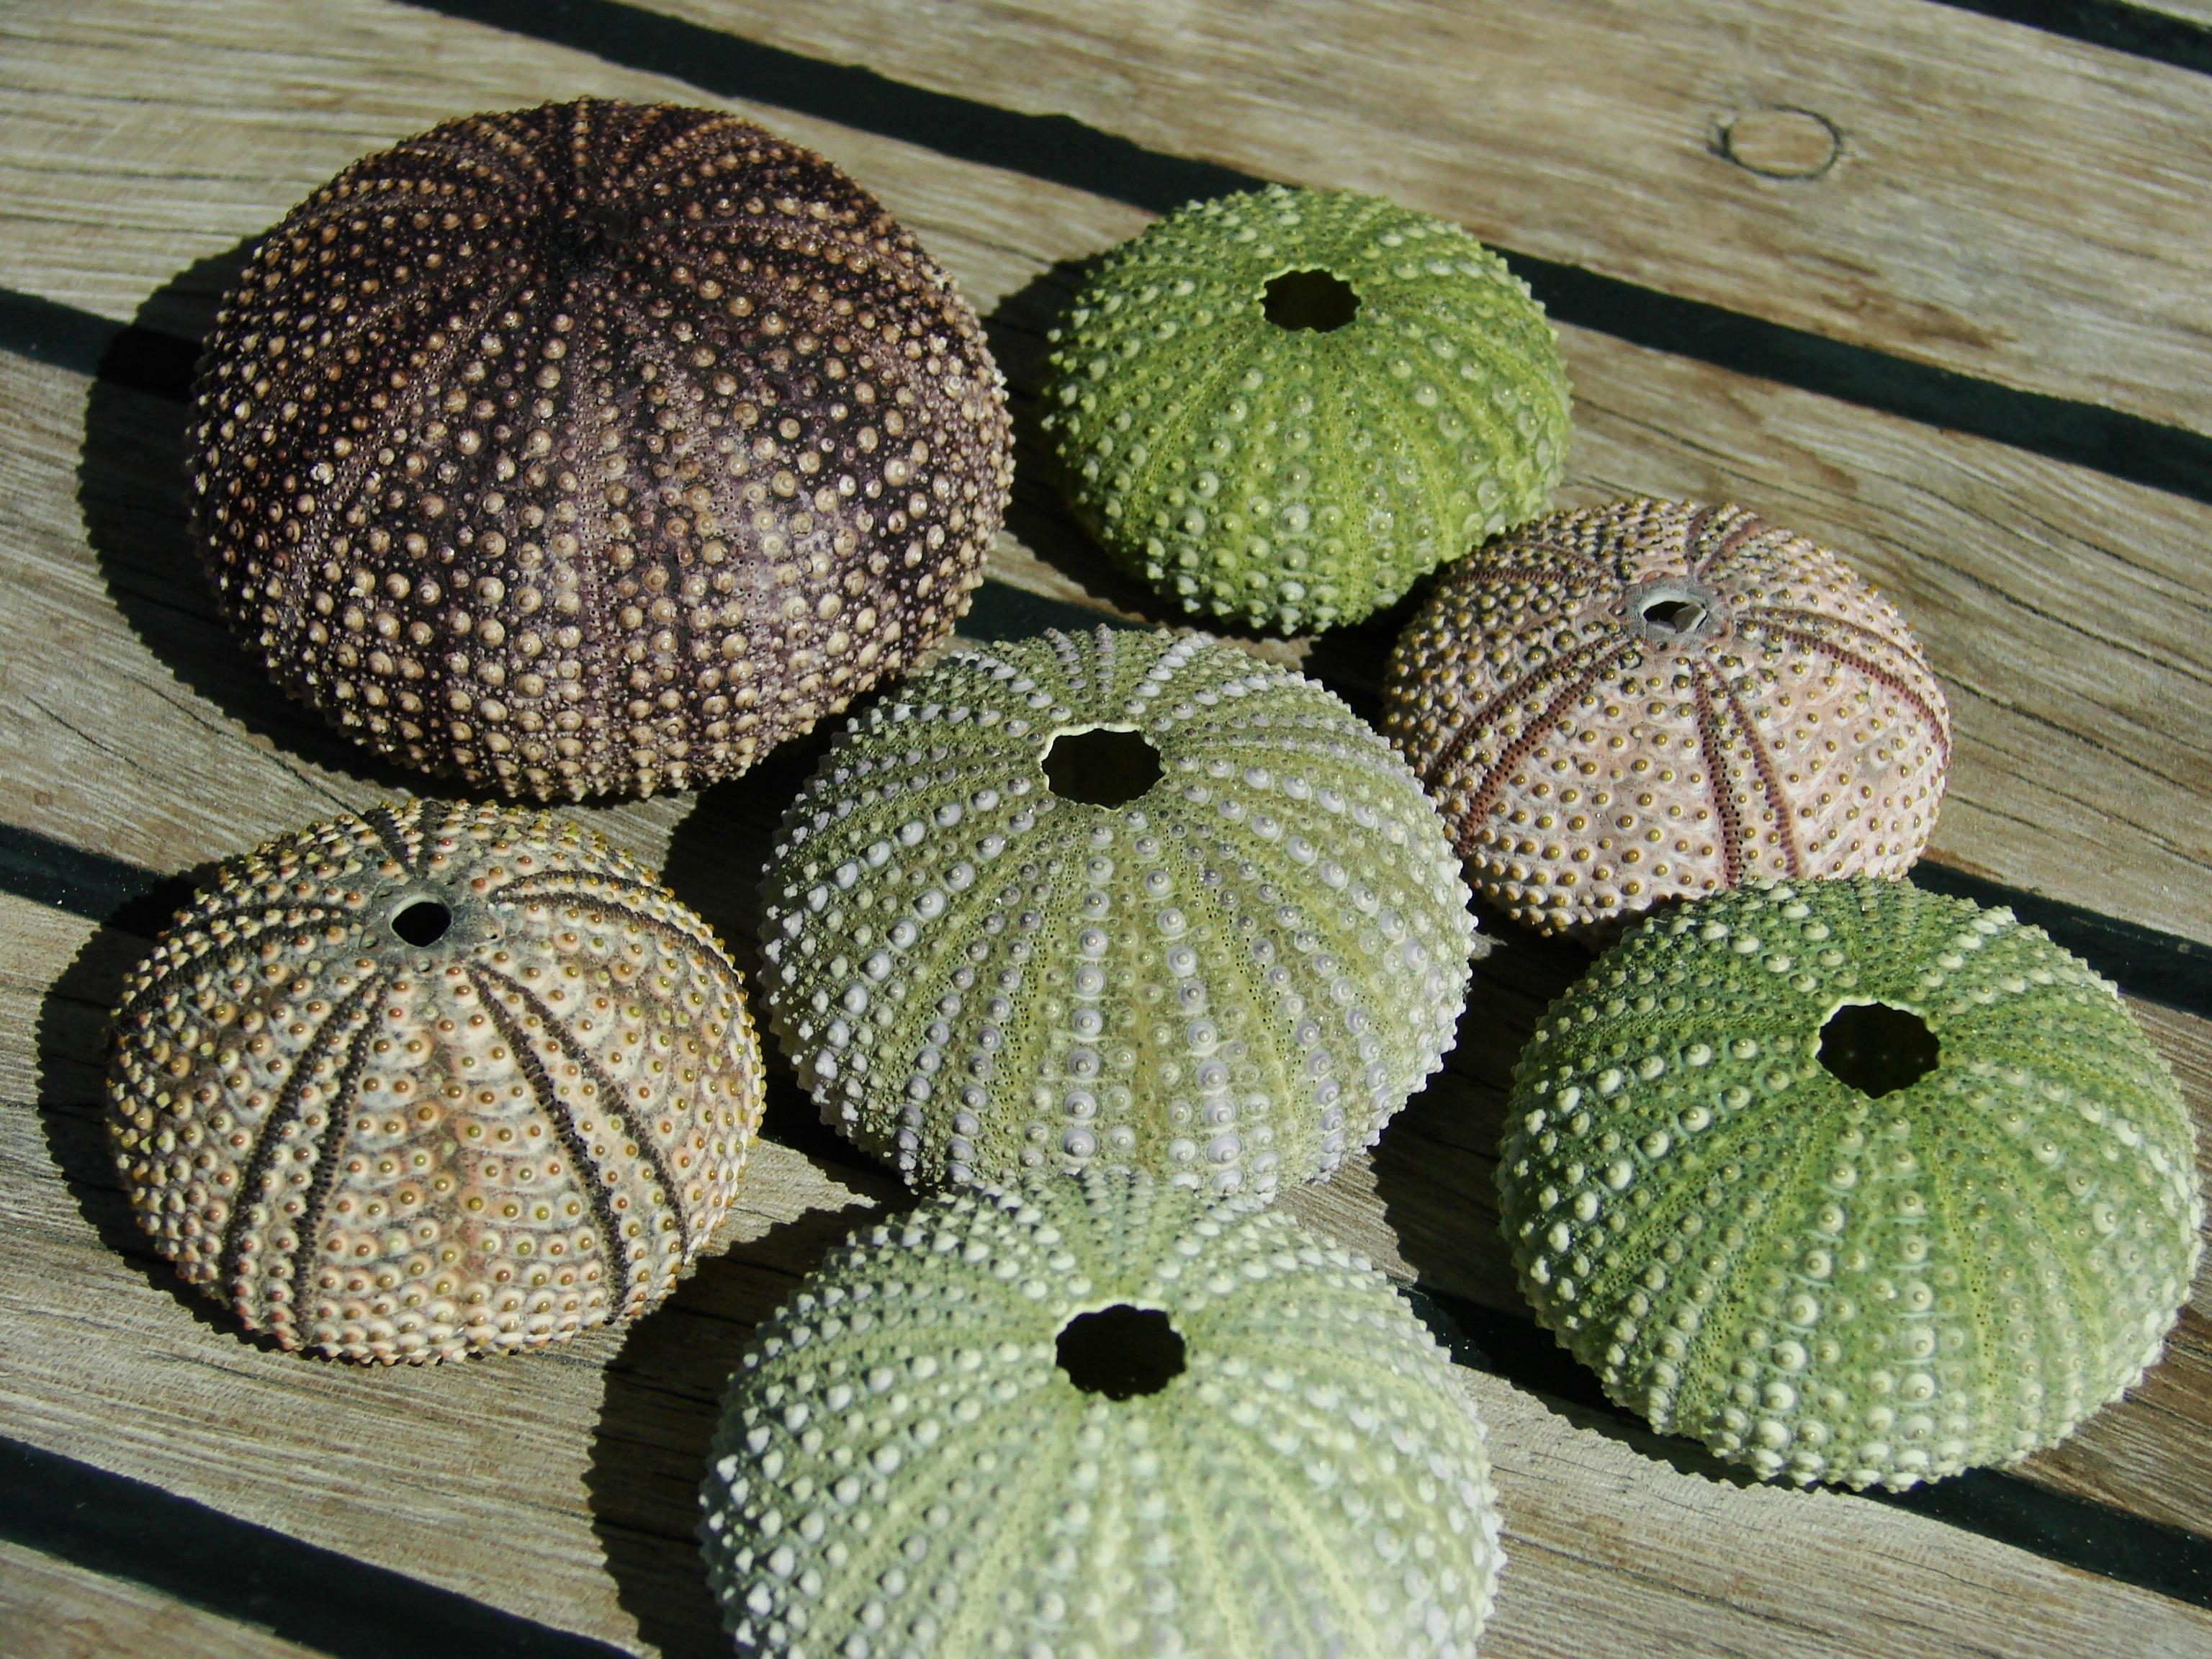 Fotos gratis : cactus, hoja, flor, patrón, comida, verde, Produce ...